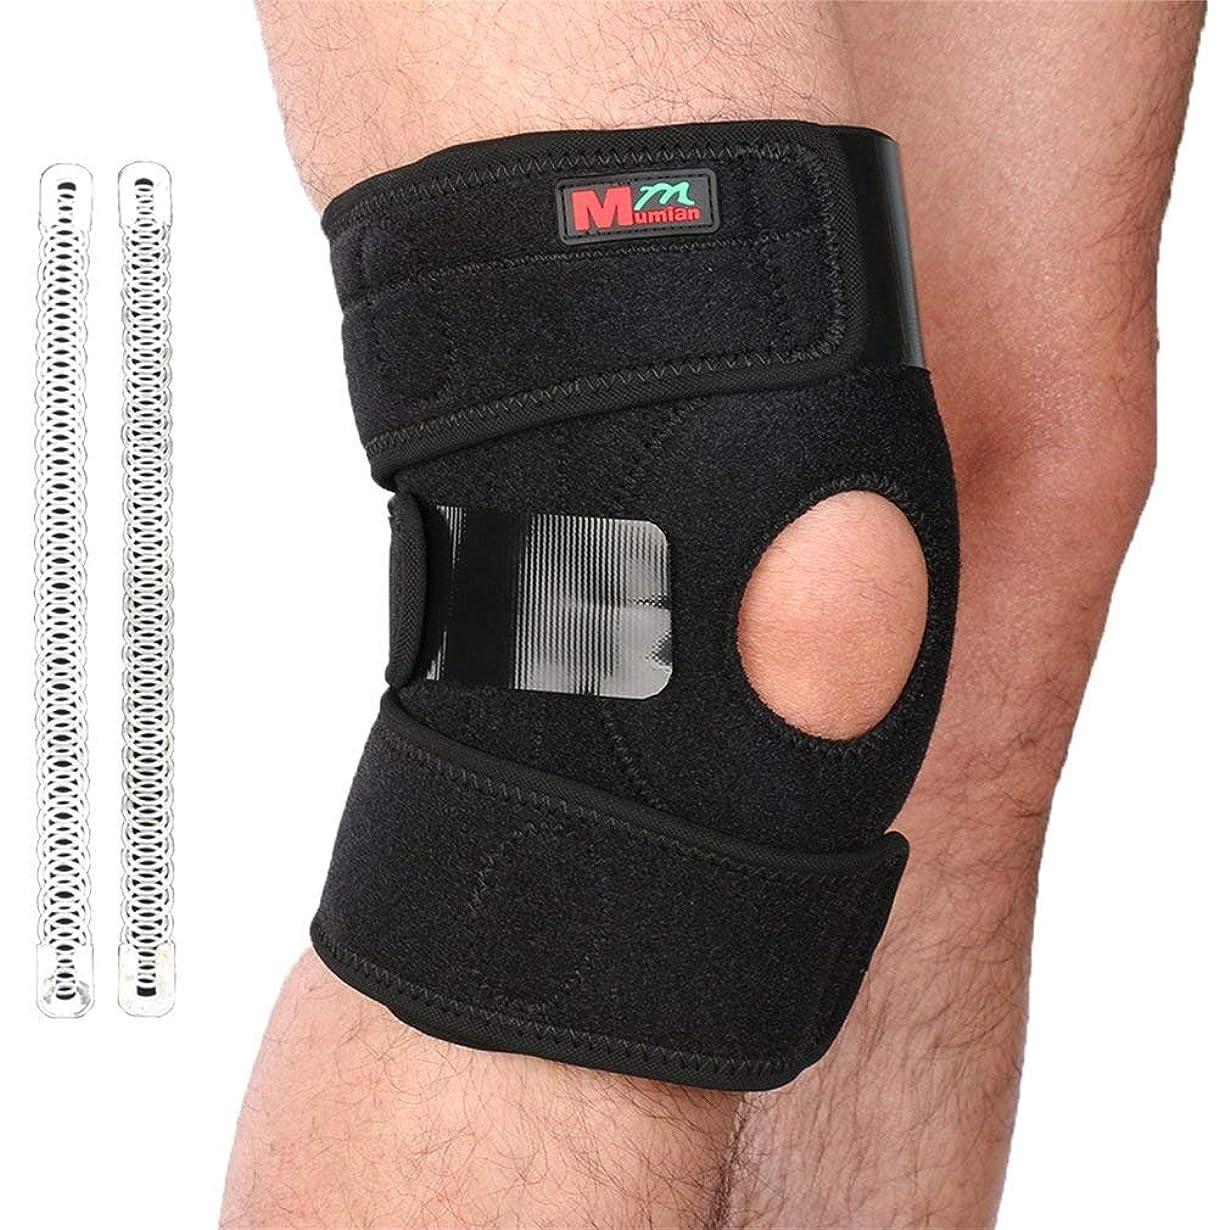 役に立たない踏み台ビルダー1PC膝プロテクター膝パッドシリコン弾性包帯デザイン膝サポート-Rustle666